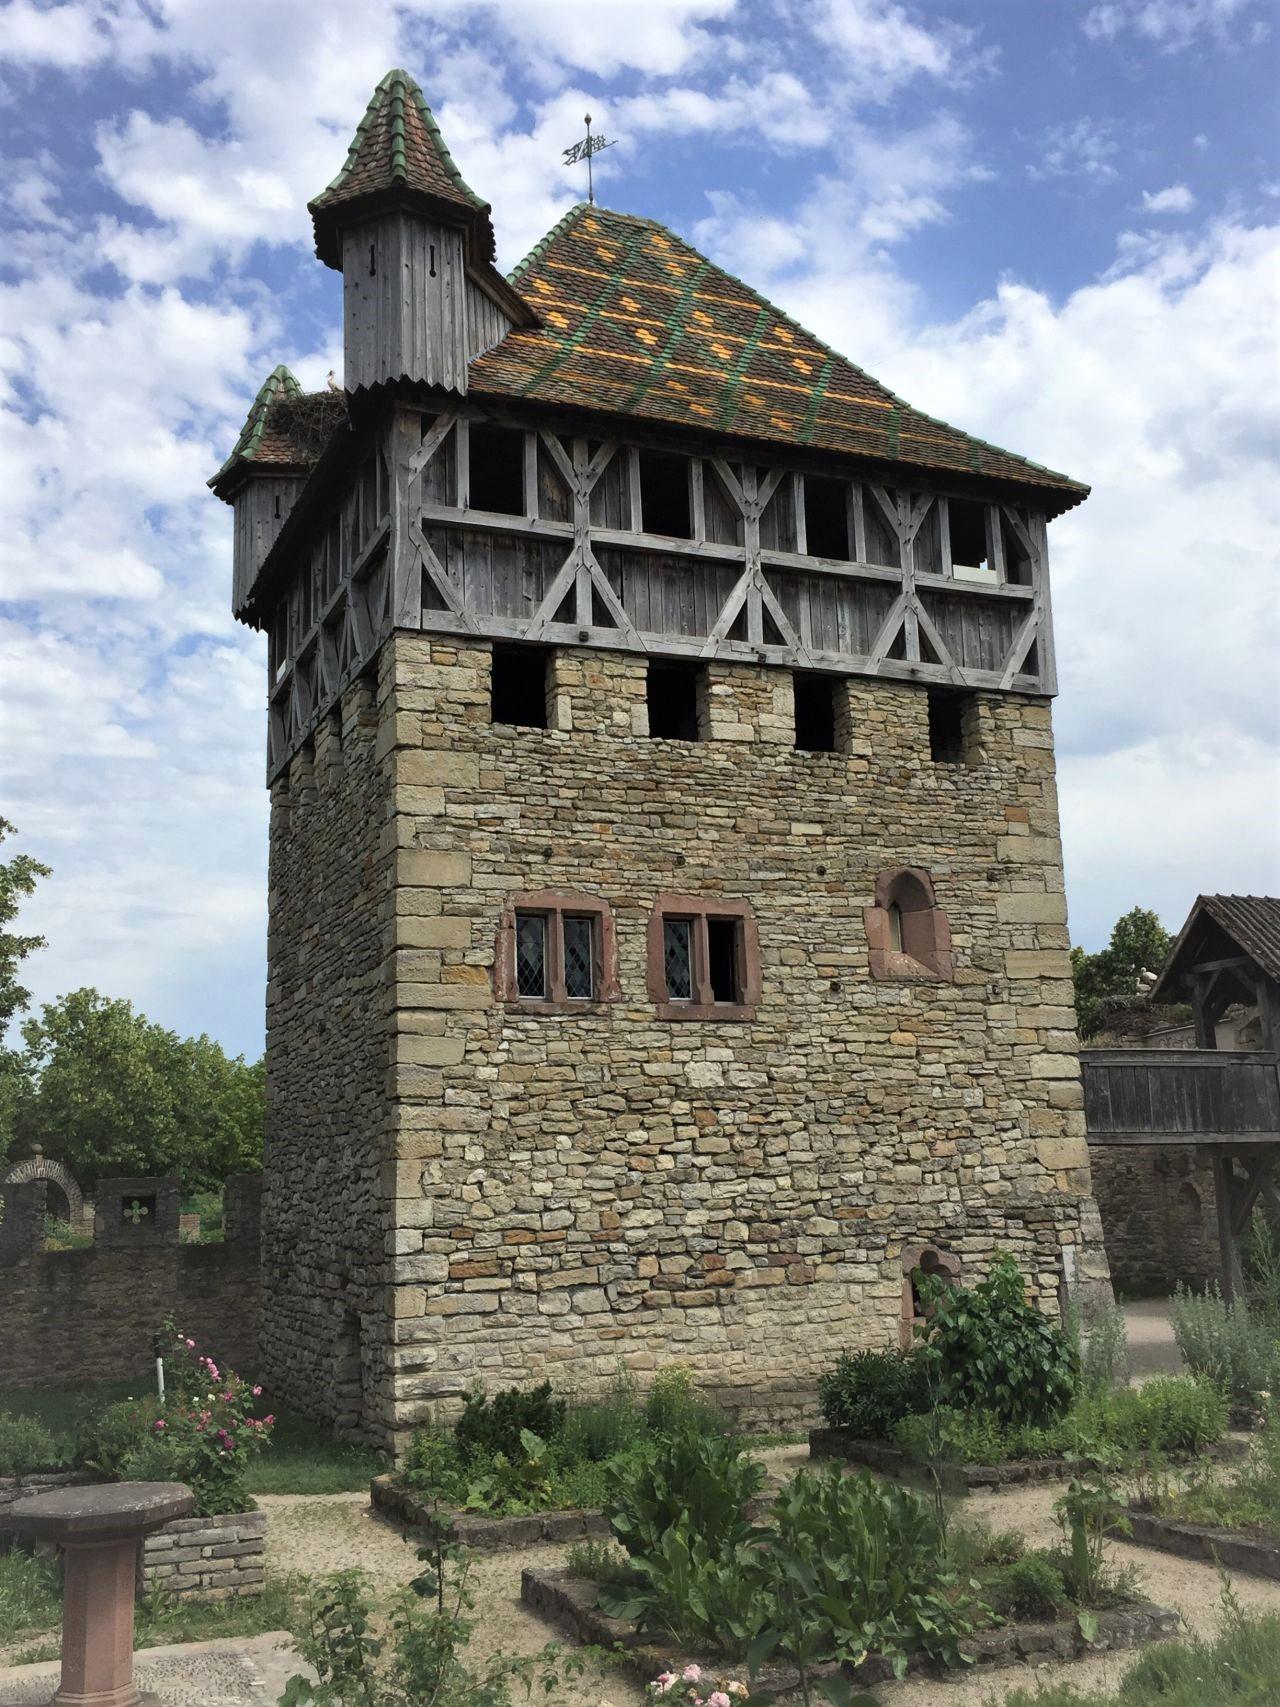 Befestigter Wohnturm aus Mulhouse im Écomusée d'Alsace. Der Turm ist dreistoeckig, hate einen rechteckigen Grundriss und bunt lasierte Dachziegel.